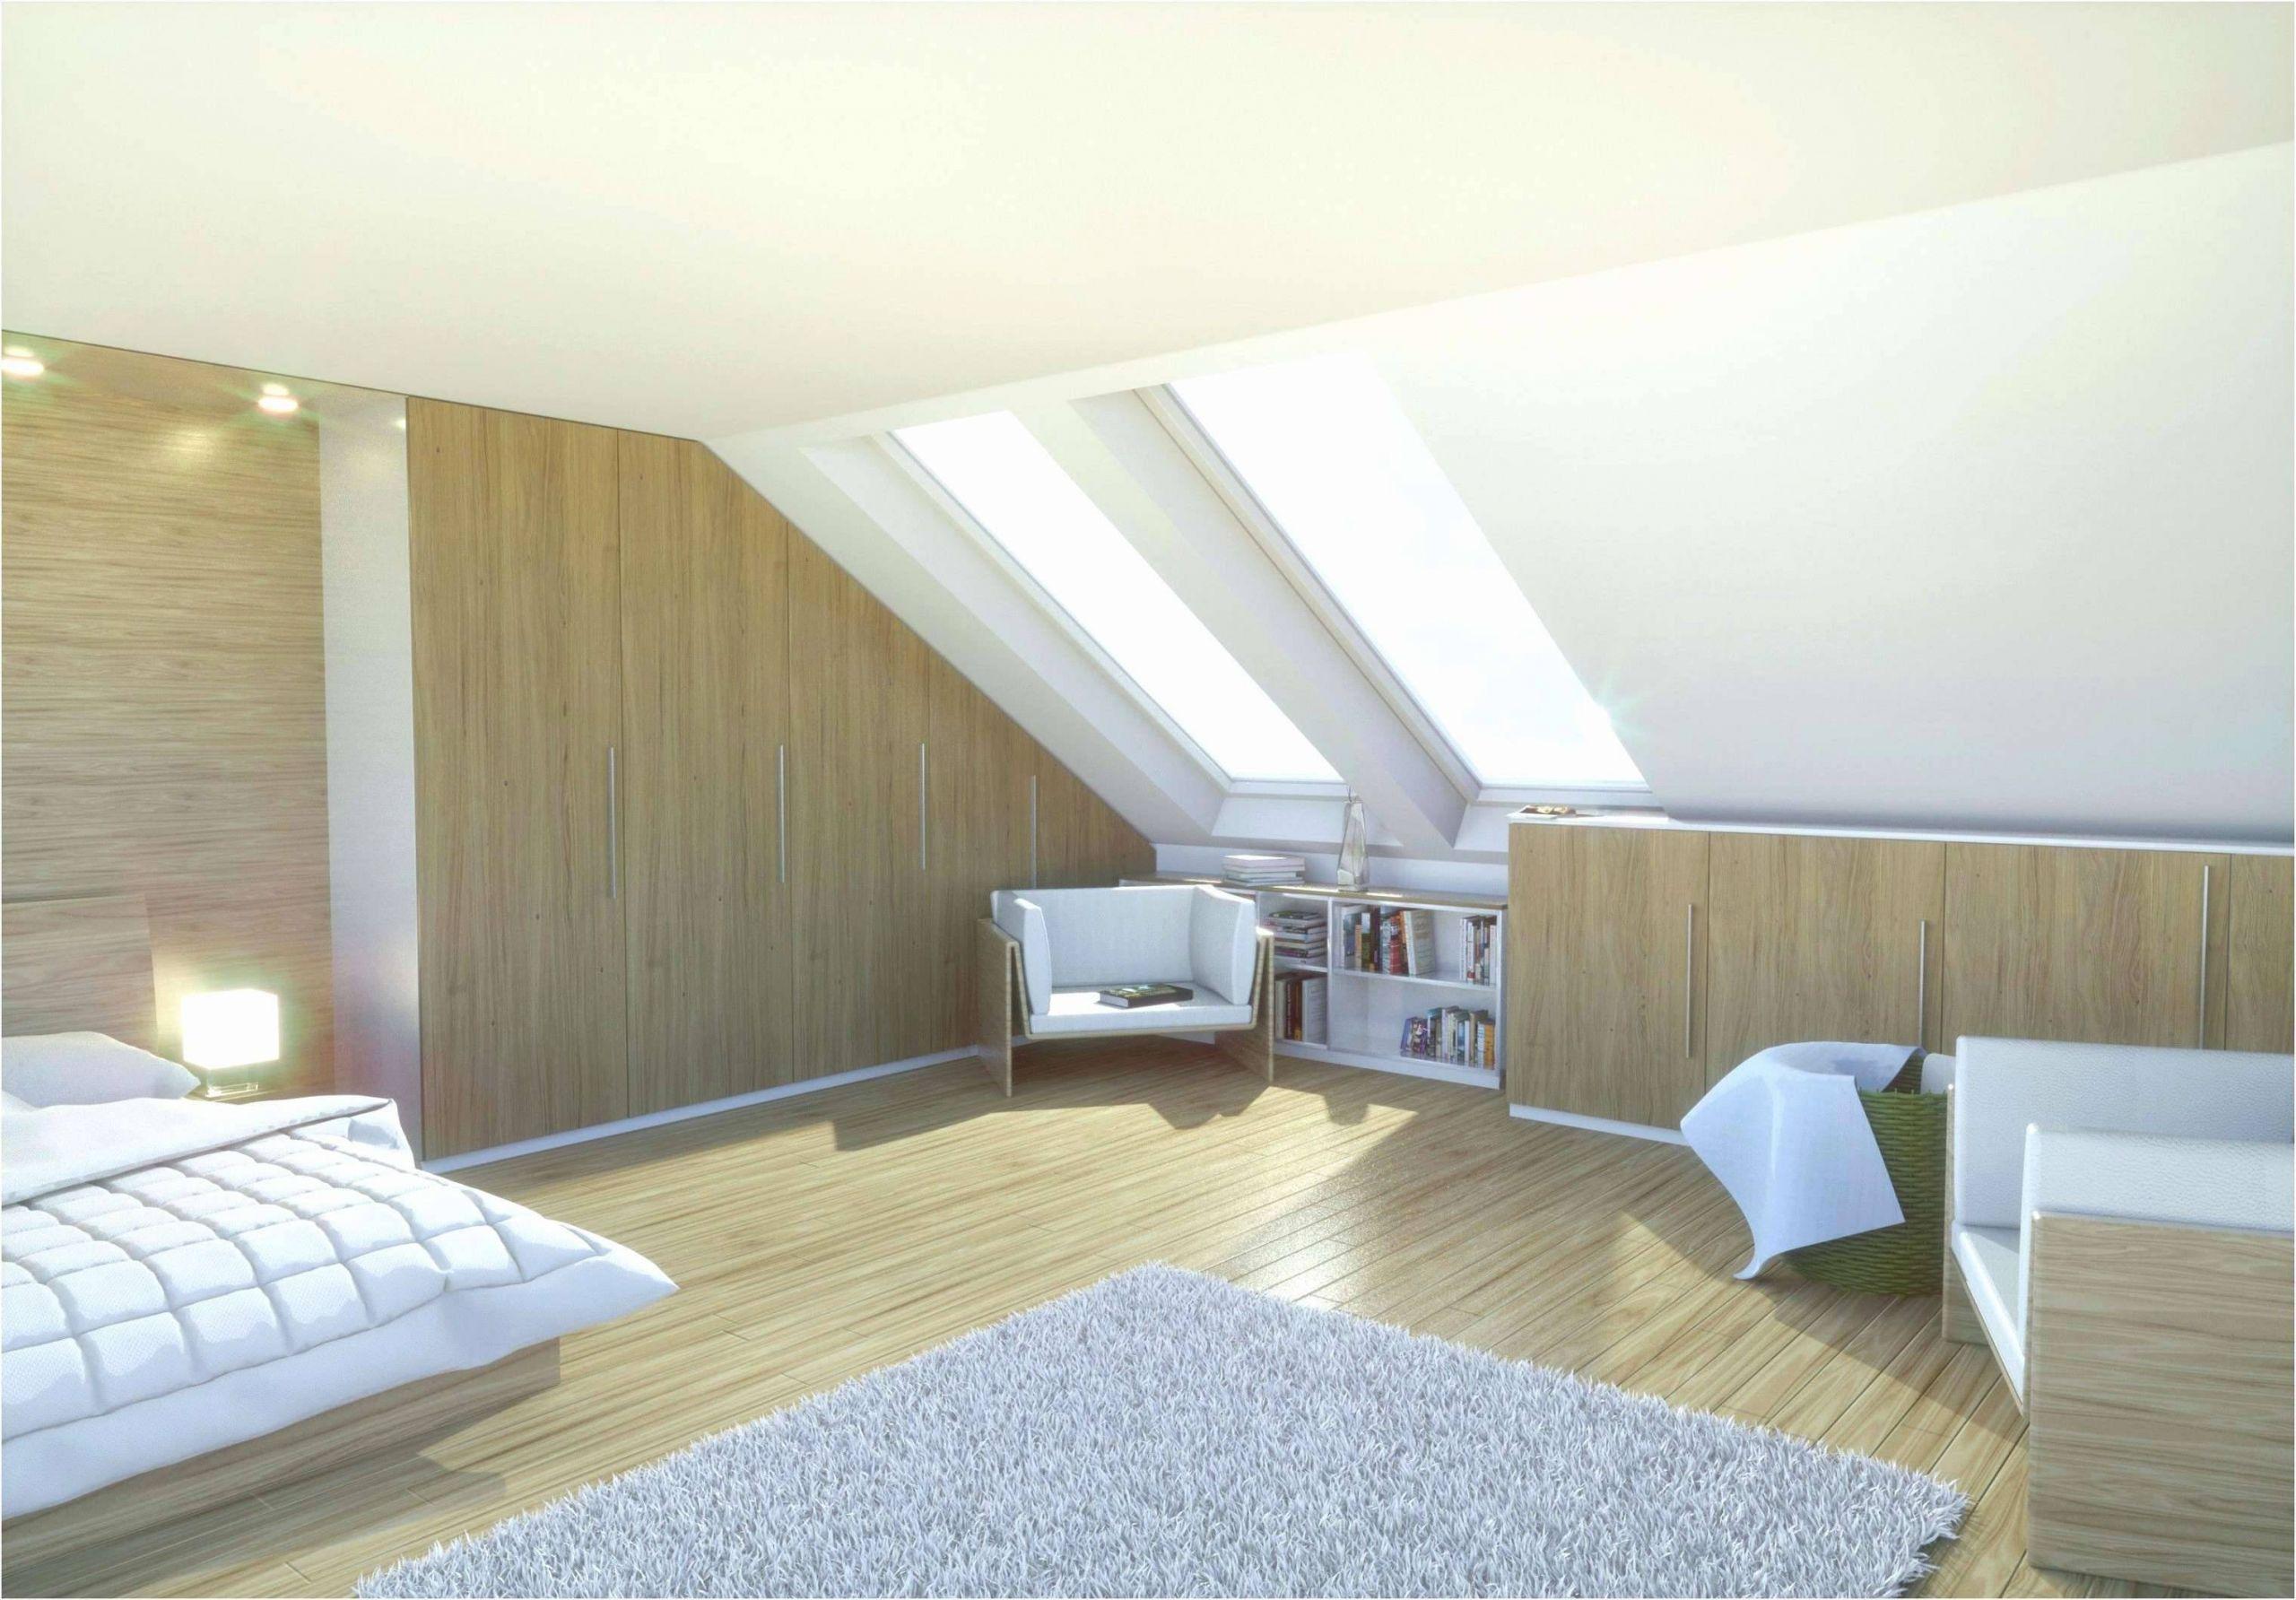 regal fur holz im wohnzimmer elegant 33 einzigartig deko ideen selber machen garten of regal fur holz im wohnzimmer